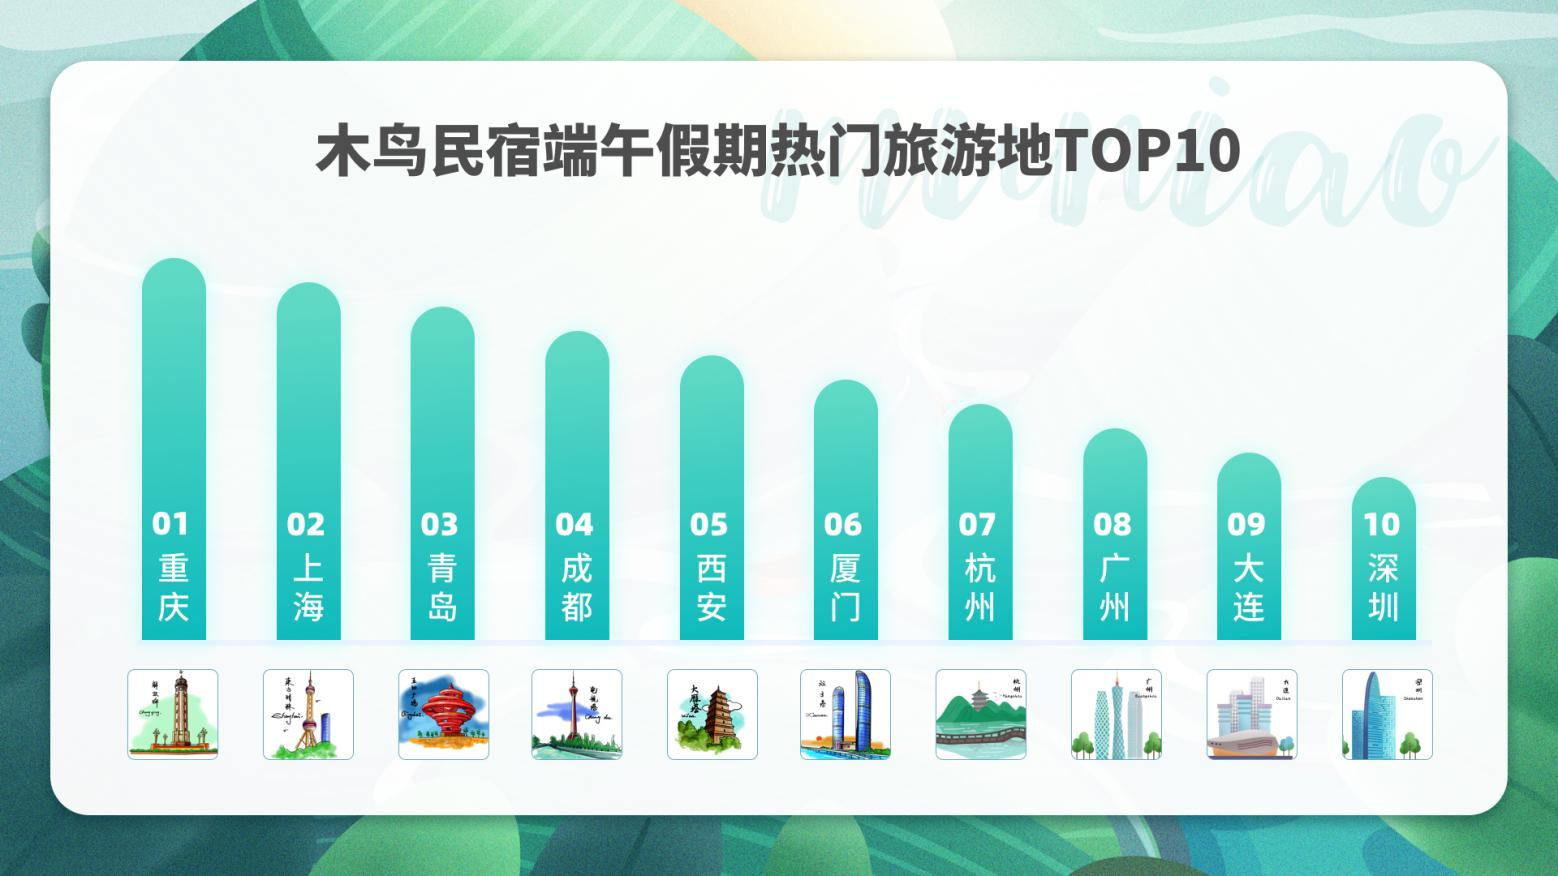 木鸟民宿2020端午出游趋势预测:今年端午不拼假 短期游更稳妥